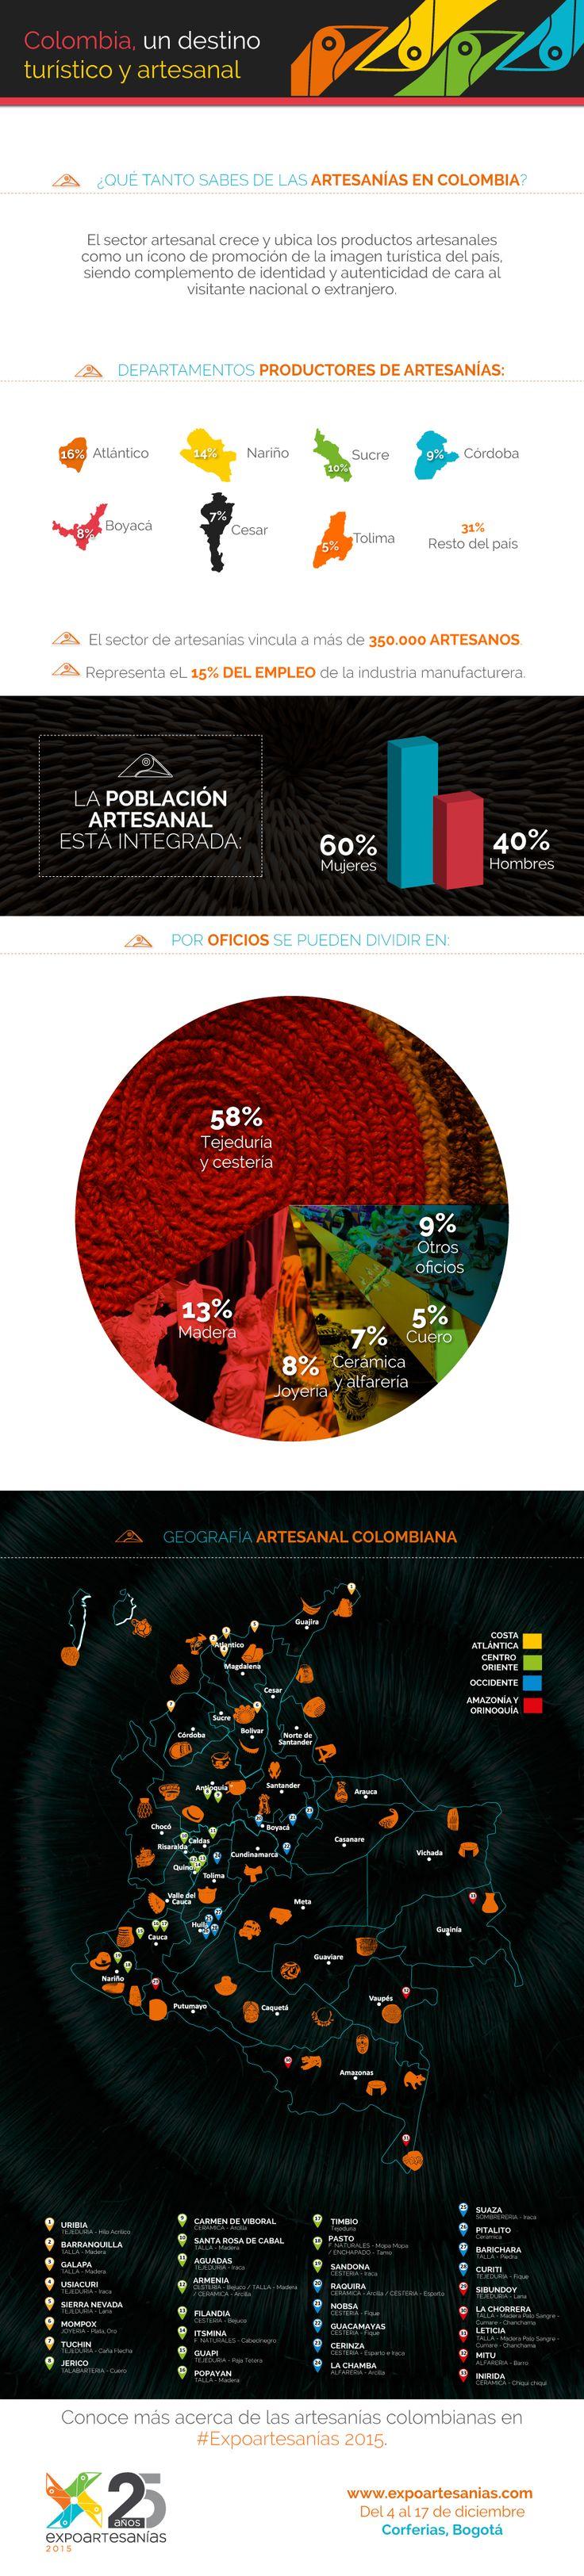 ¡Colombia, un destino turístico y artesanal en #Expoartesanías!  Del 4 al 17 de diciembre en Corferias.